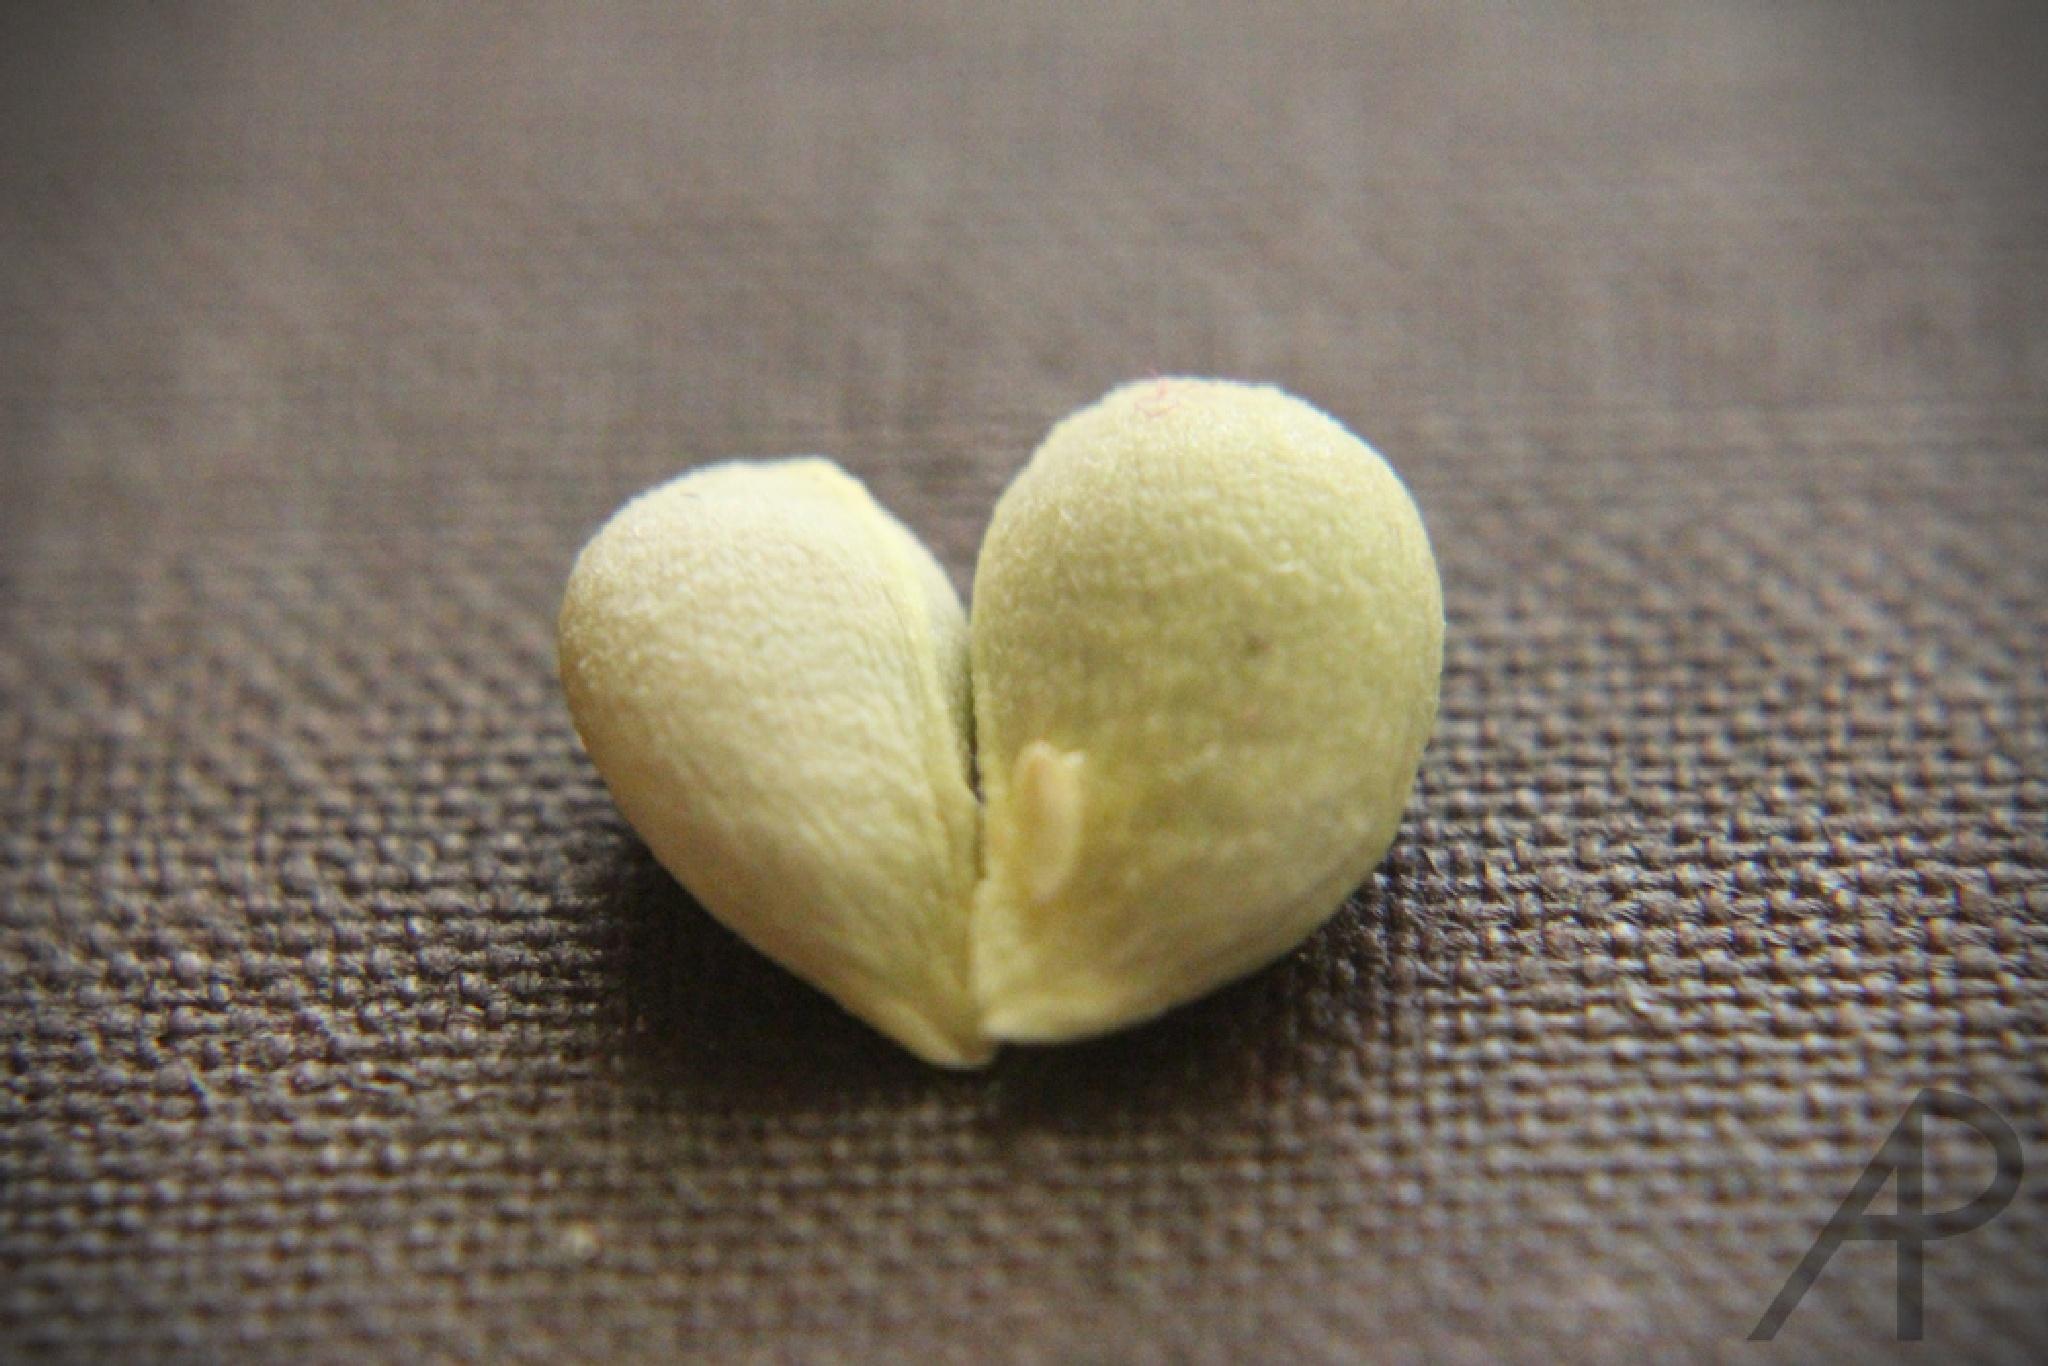 Corazón de limón by Arturo photography